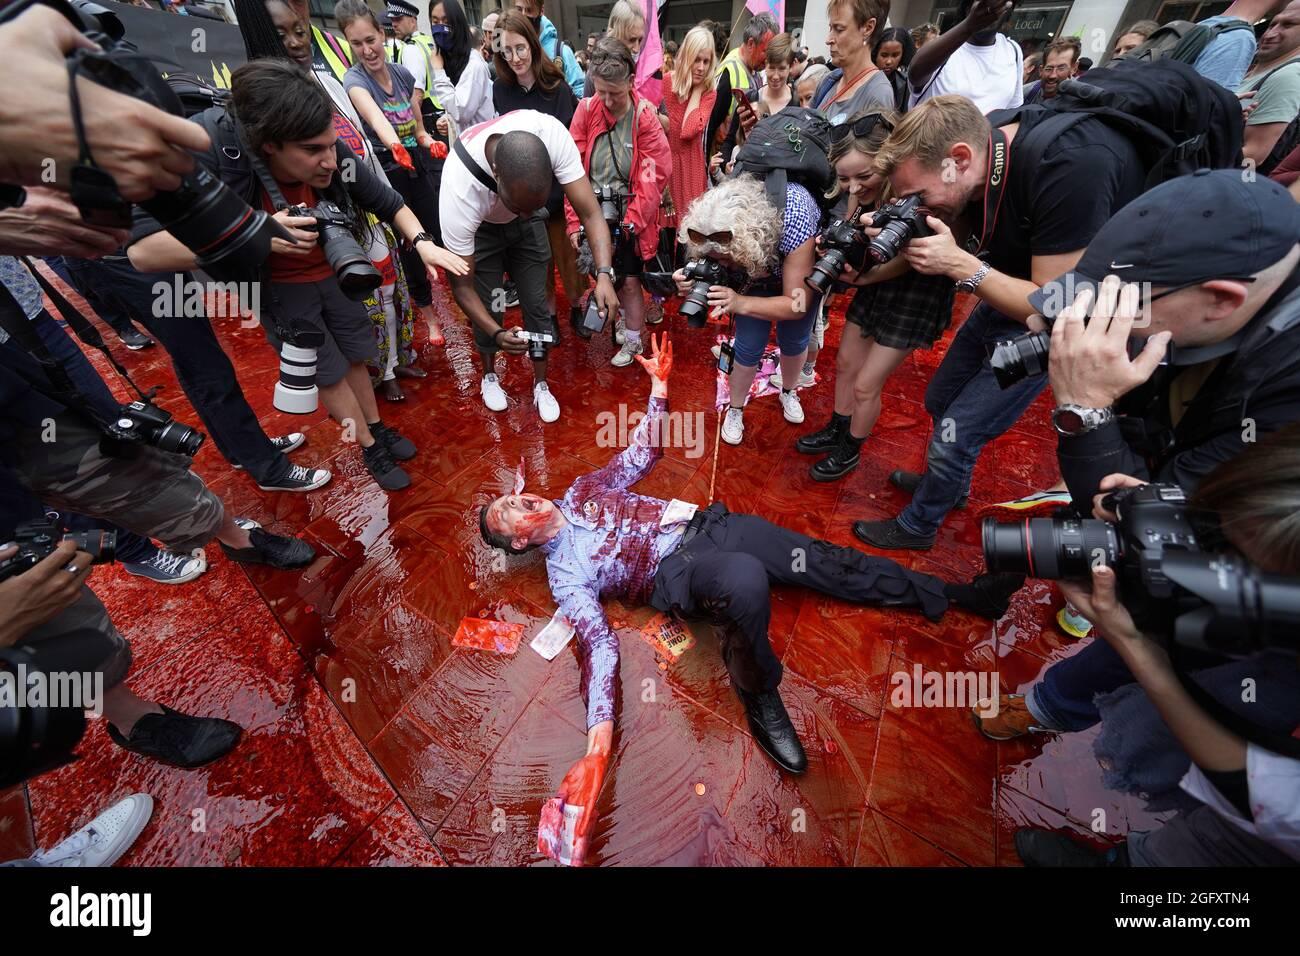 Ein Mitglied der Extinction Rebellion rollt in gefälschtem Blut auf dem Peternoster Square im Zentrum von London herum. Bilddatum: Freitag, 27. August 2021. Stockfoto